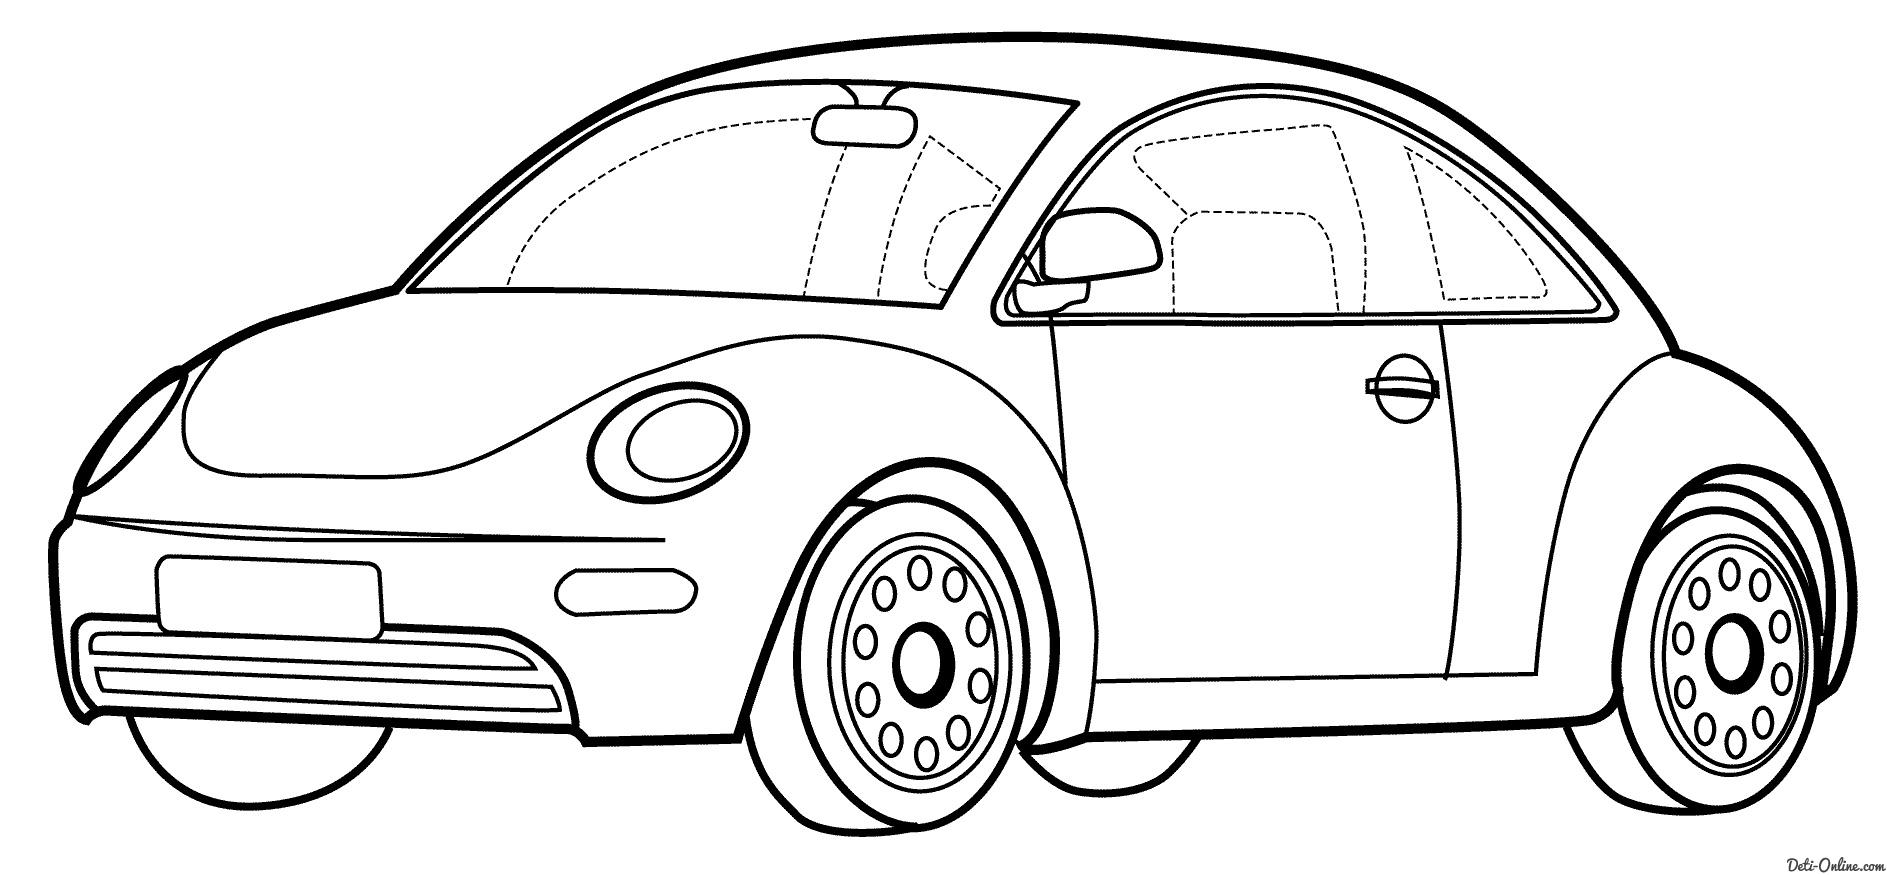 раскраски с изображением разного вида транспорта для детей